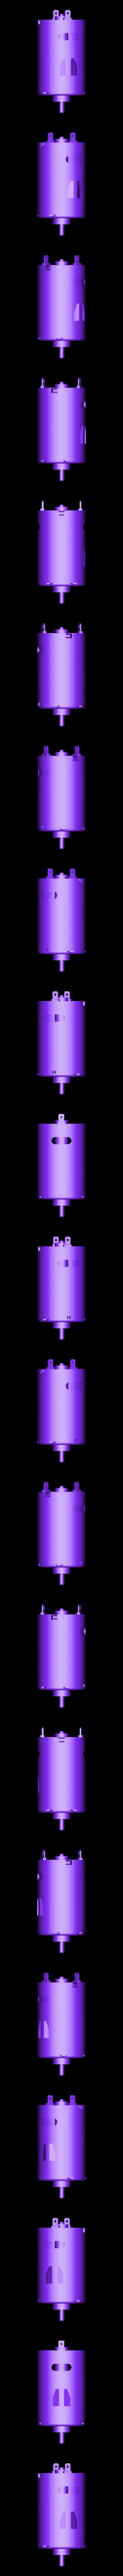 550.STL Télécharger fichier STL gratuit 540 et 550 moteurs. • Plan pour imprimante 3D, tahustvedt